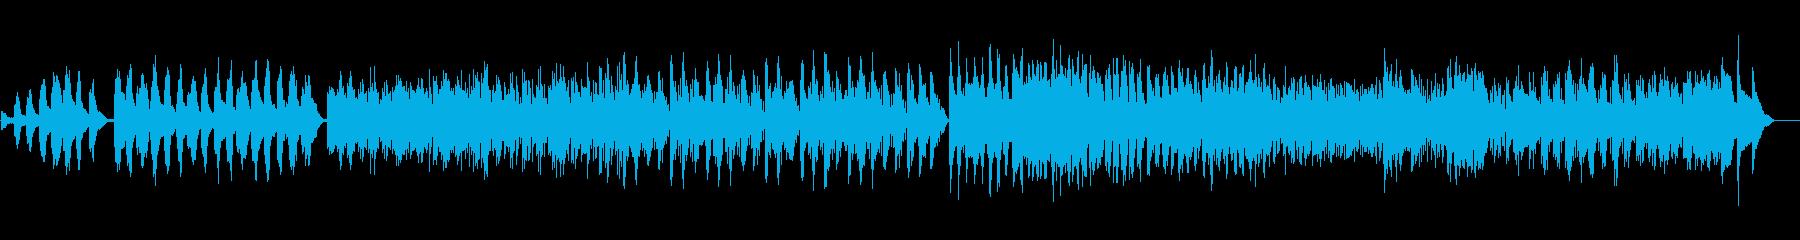 ハープのバロック風の力強い曲の再生済みの波形